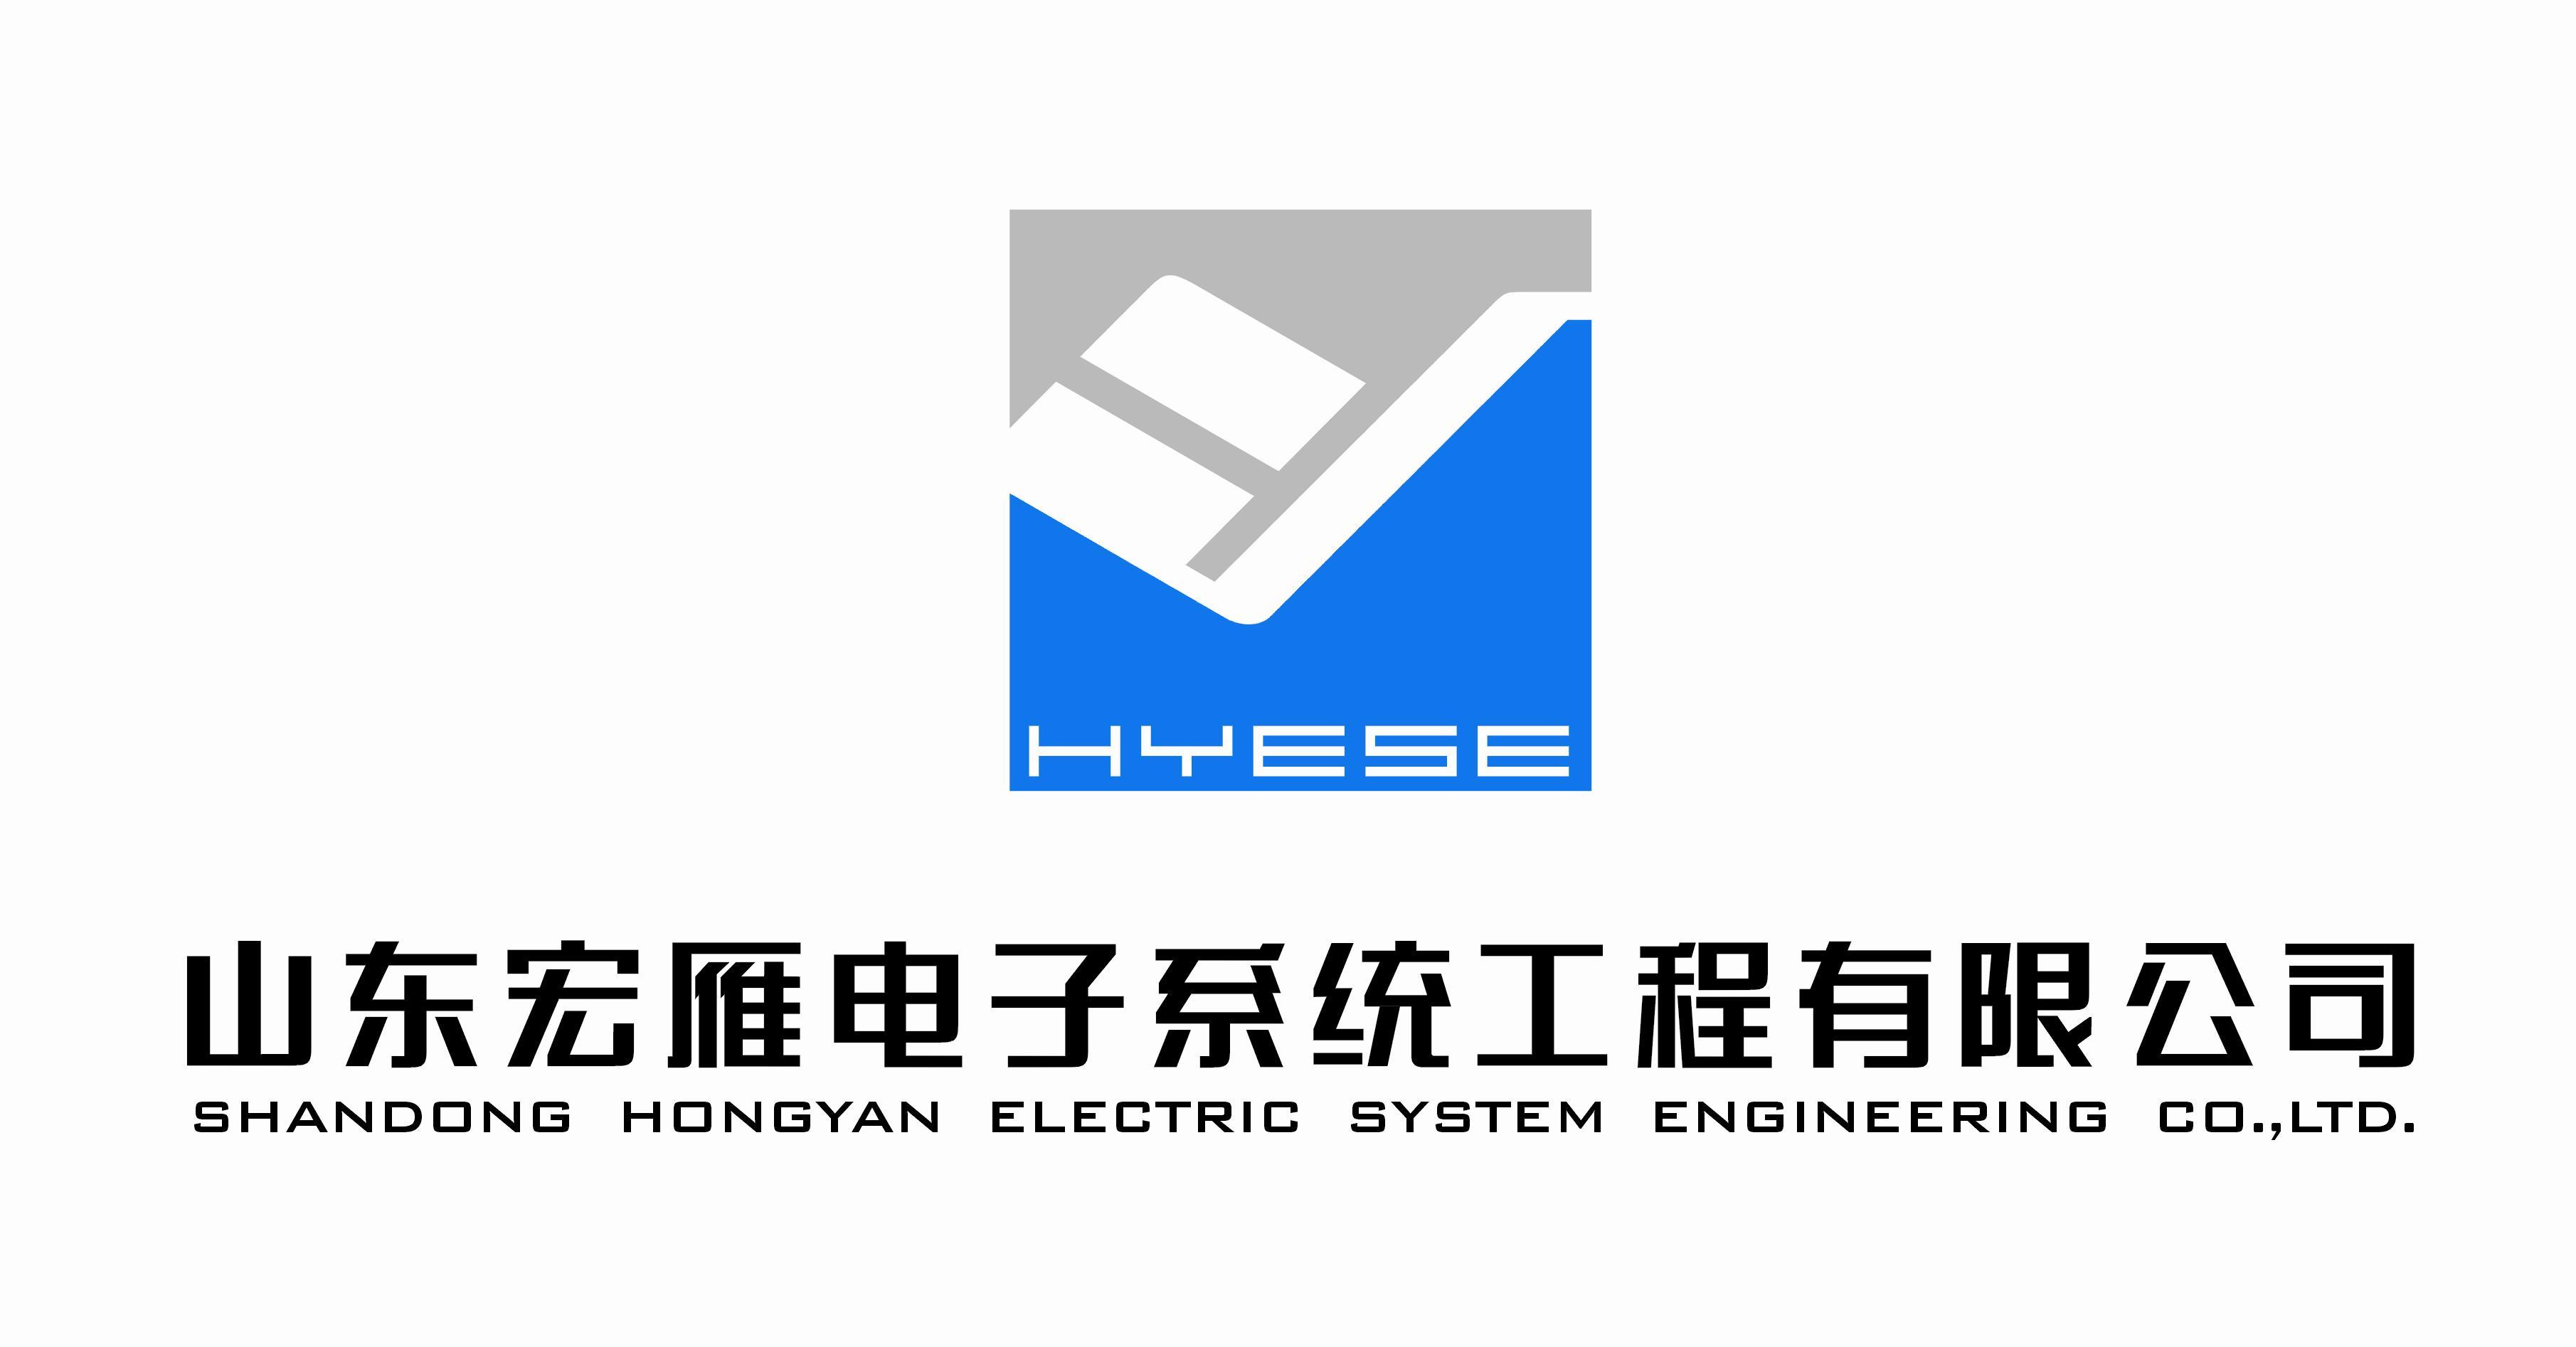 山东宏雁电子系统工程有限公司